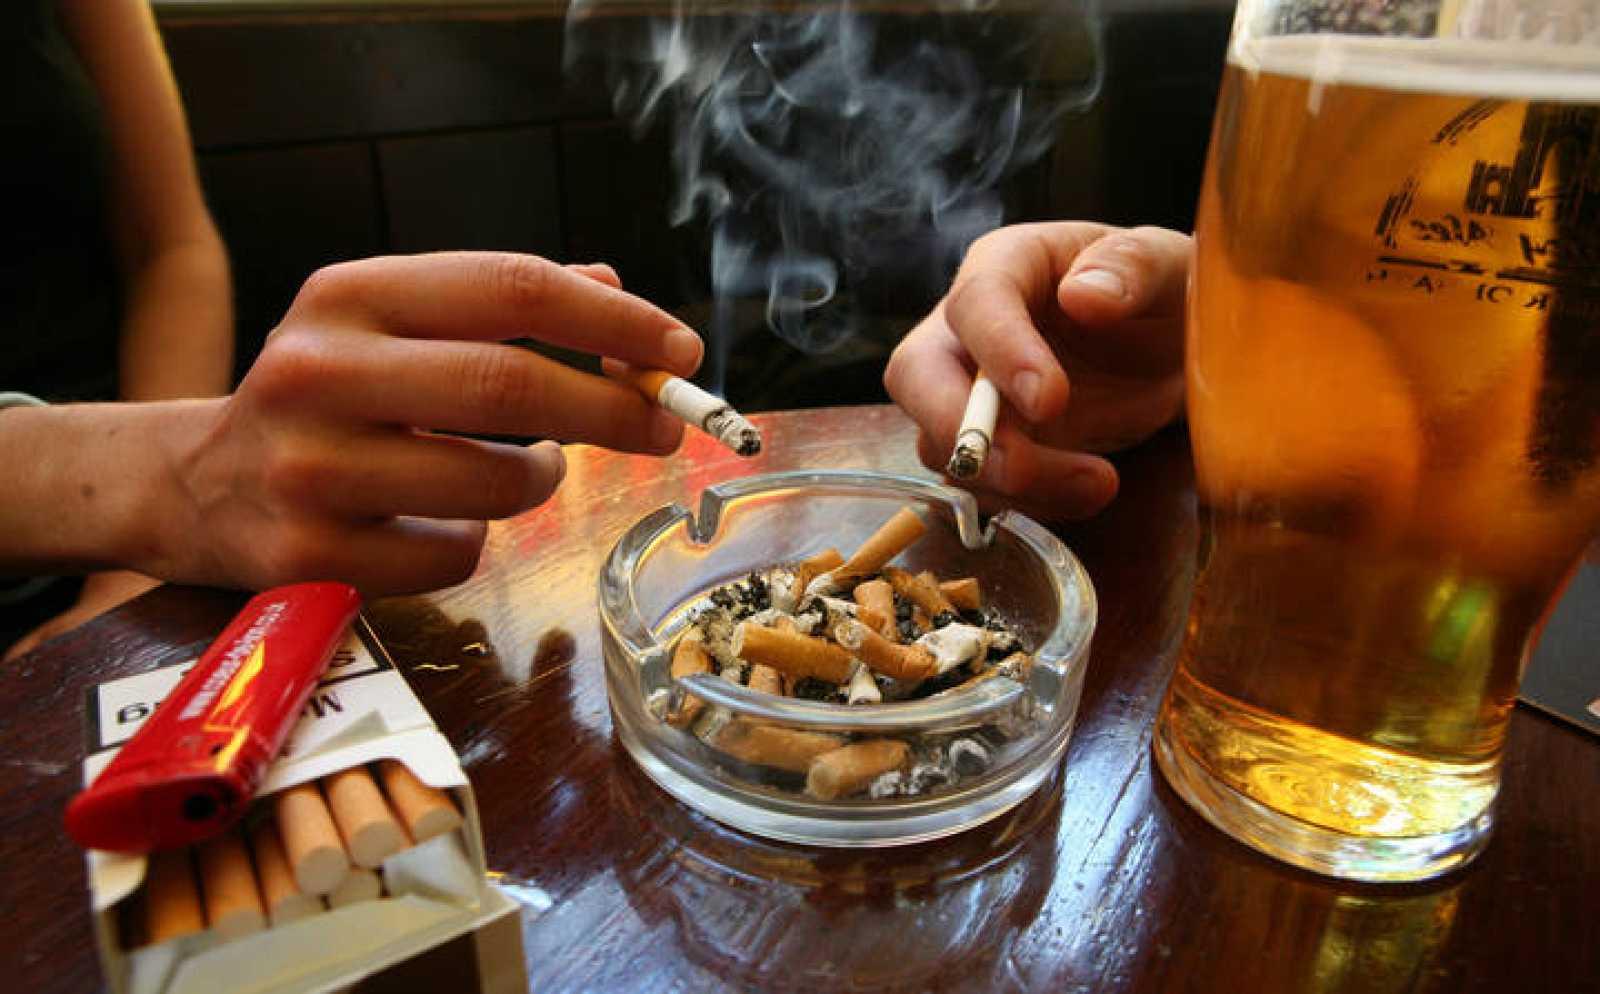 Vuelve a haber tantos fumadores en España como antes de la ley antitabaco -  RTVE.es